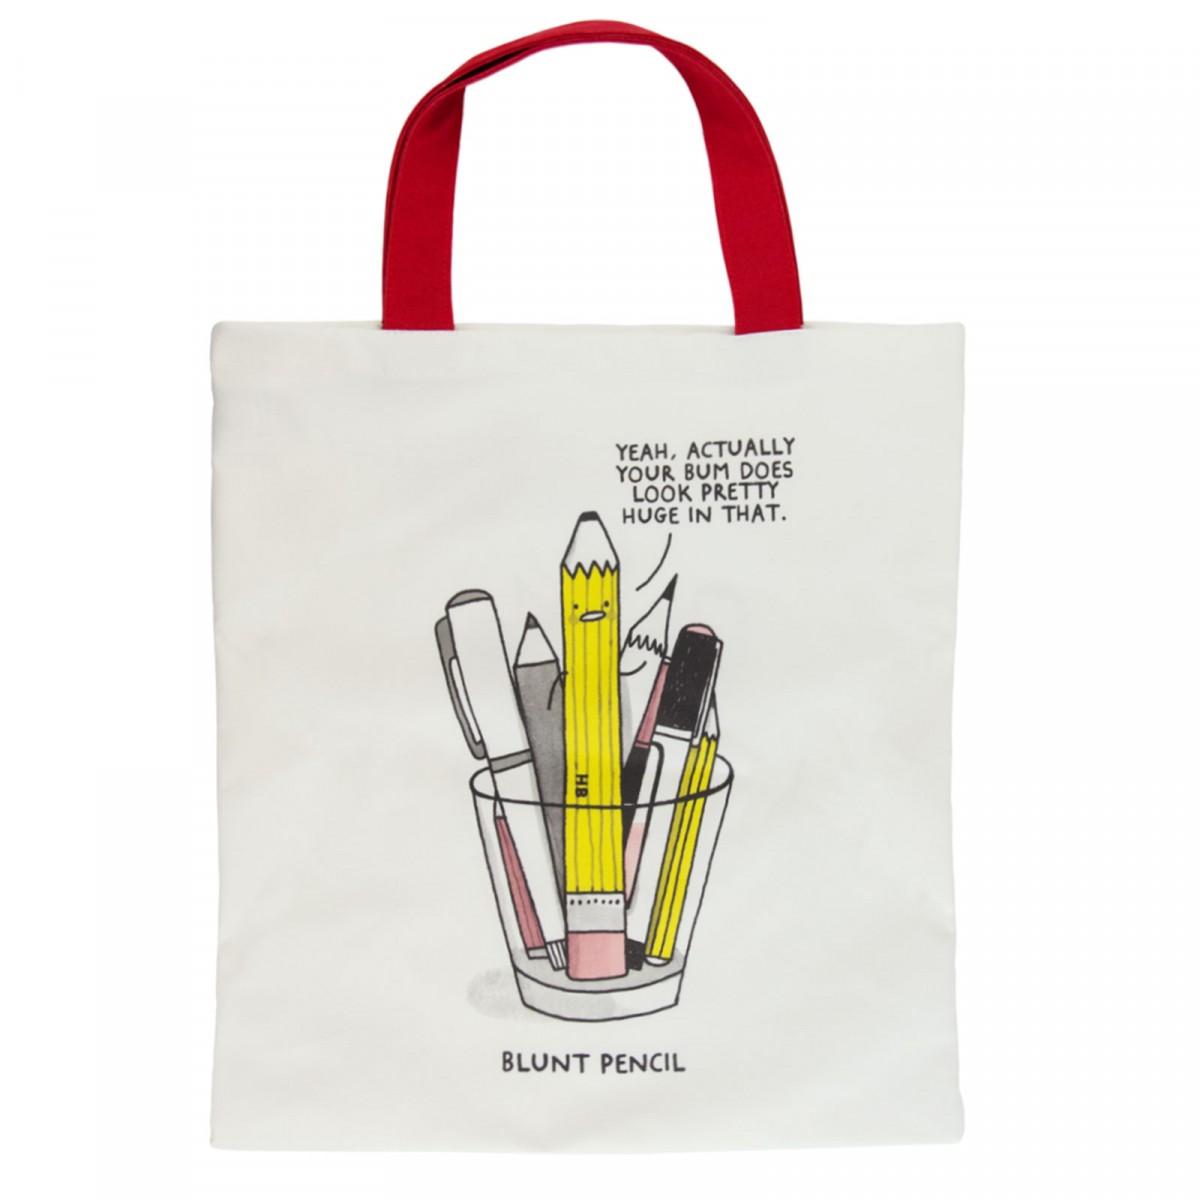 blunt-pencil-tote-bag.jpg